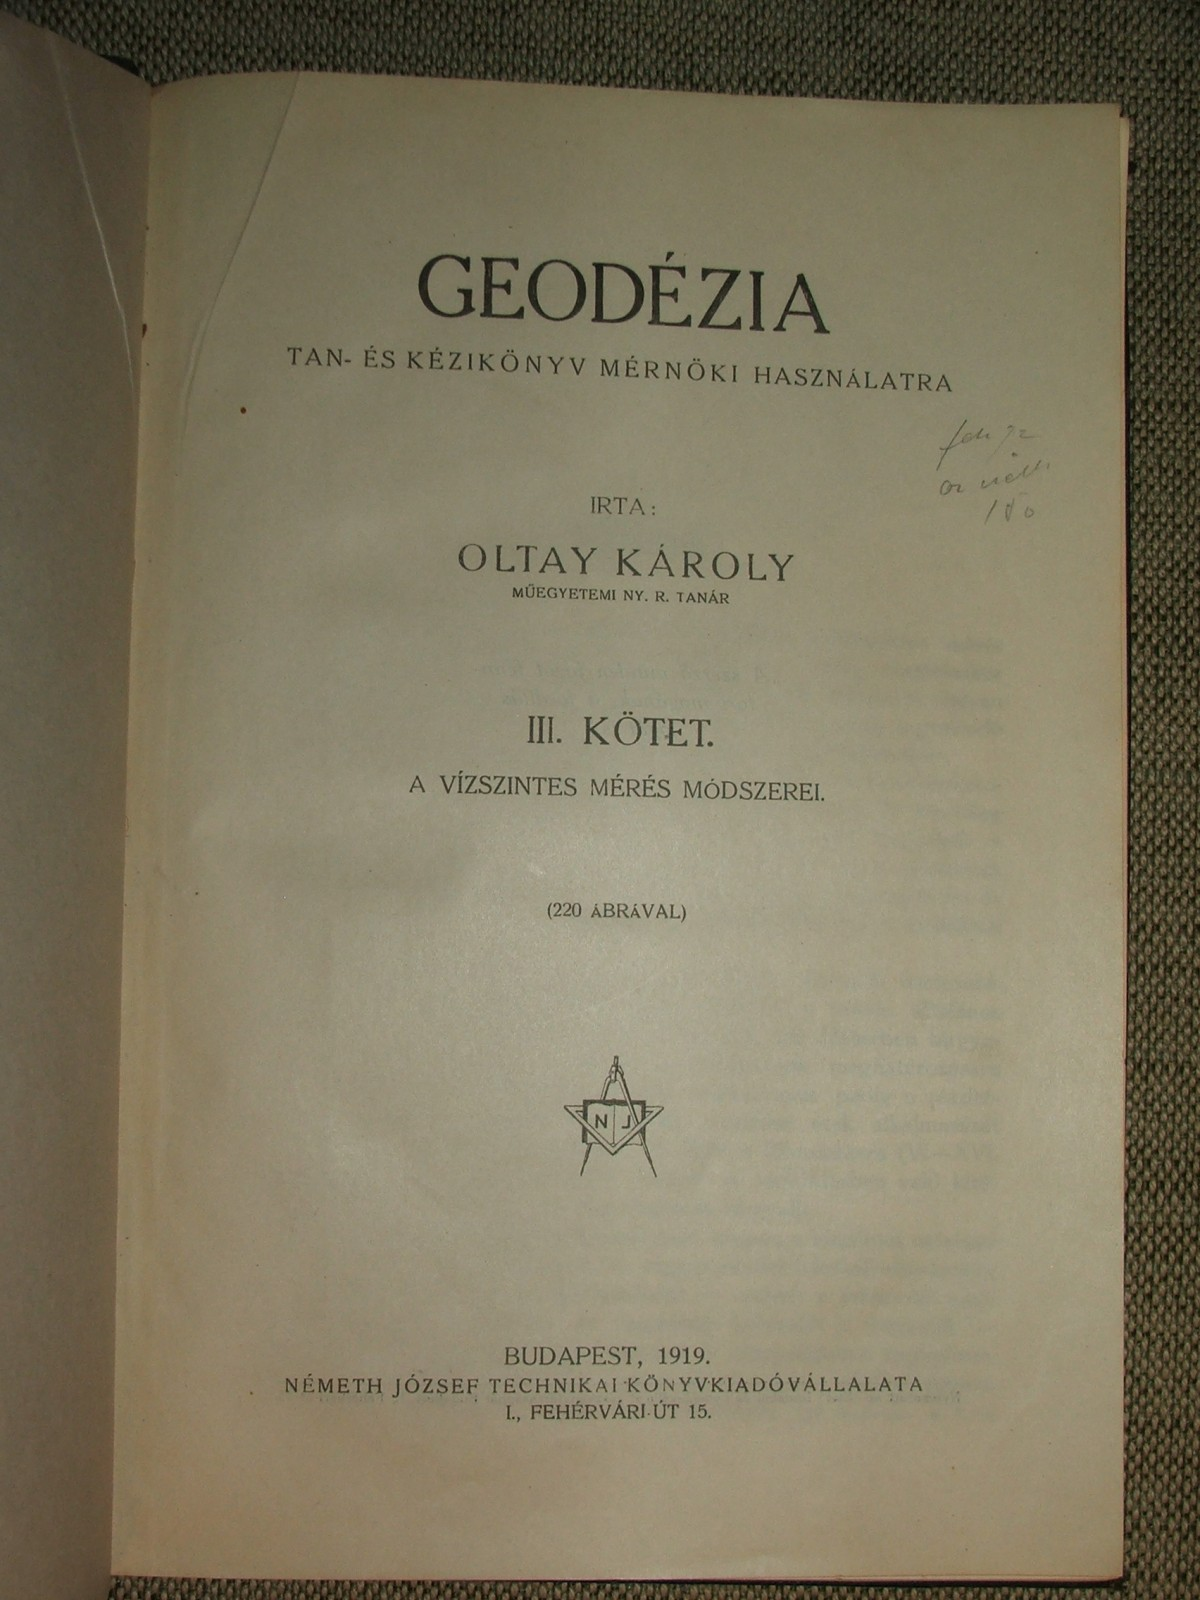 OLTAY Károly: Geodézia